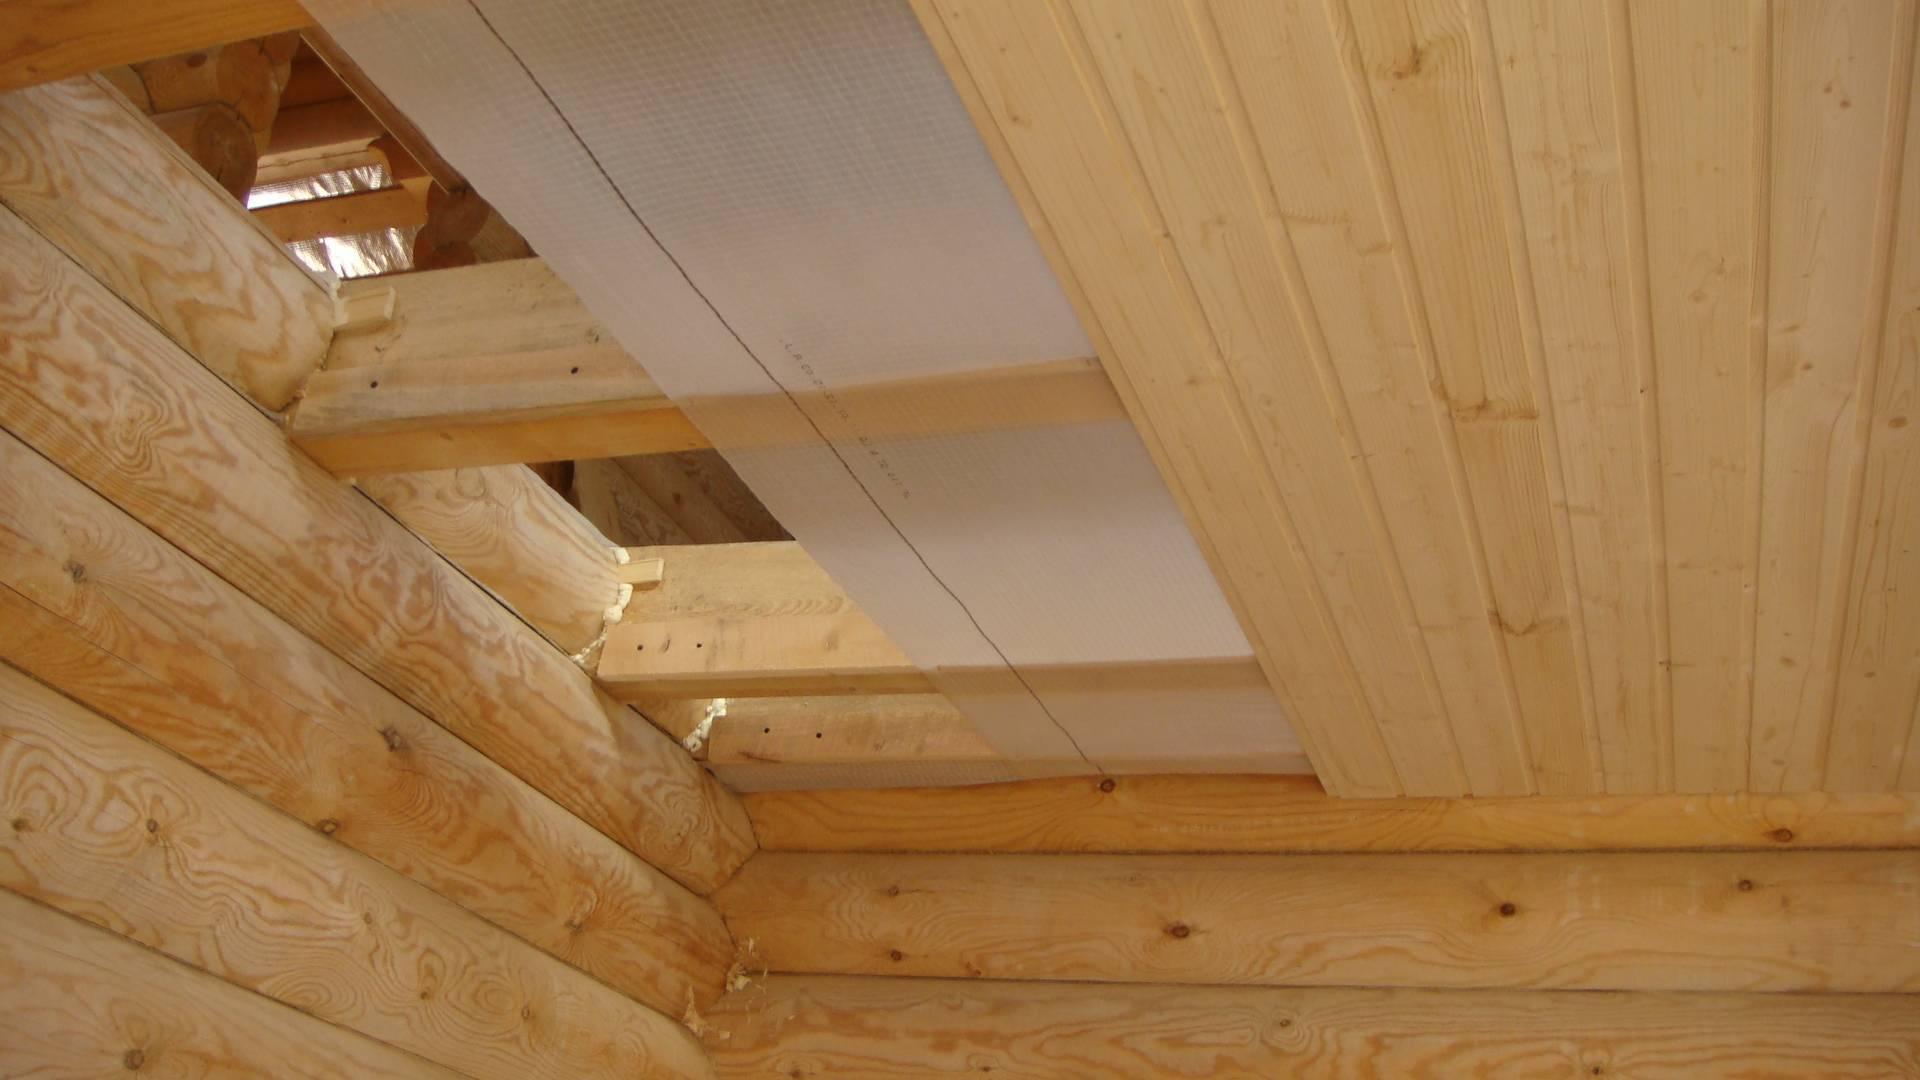 Внутренняя обшивка стен и потолков дома фанерой.